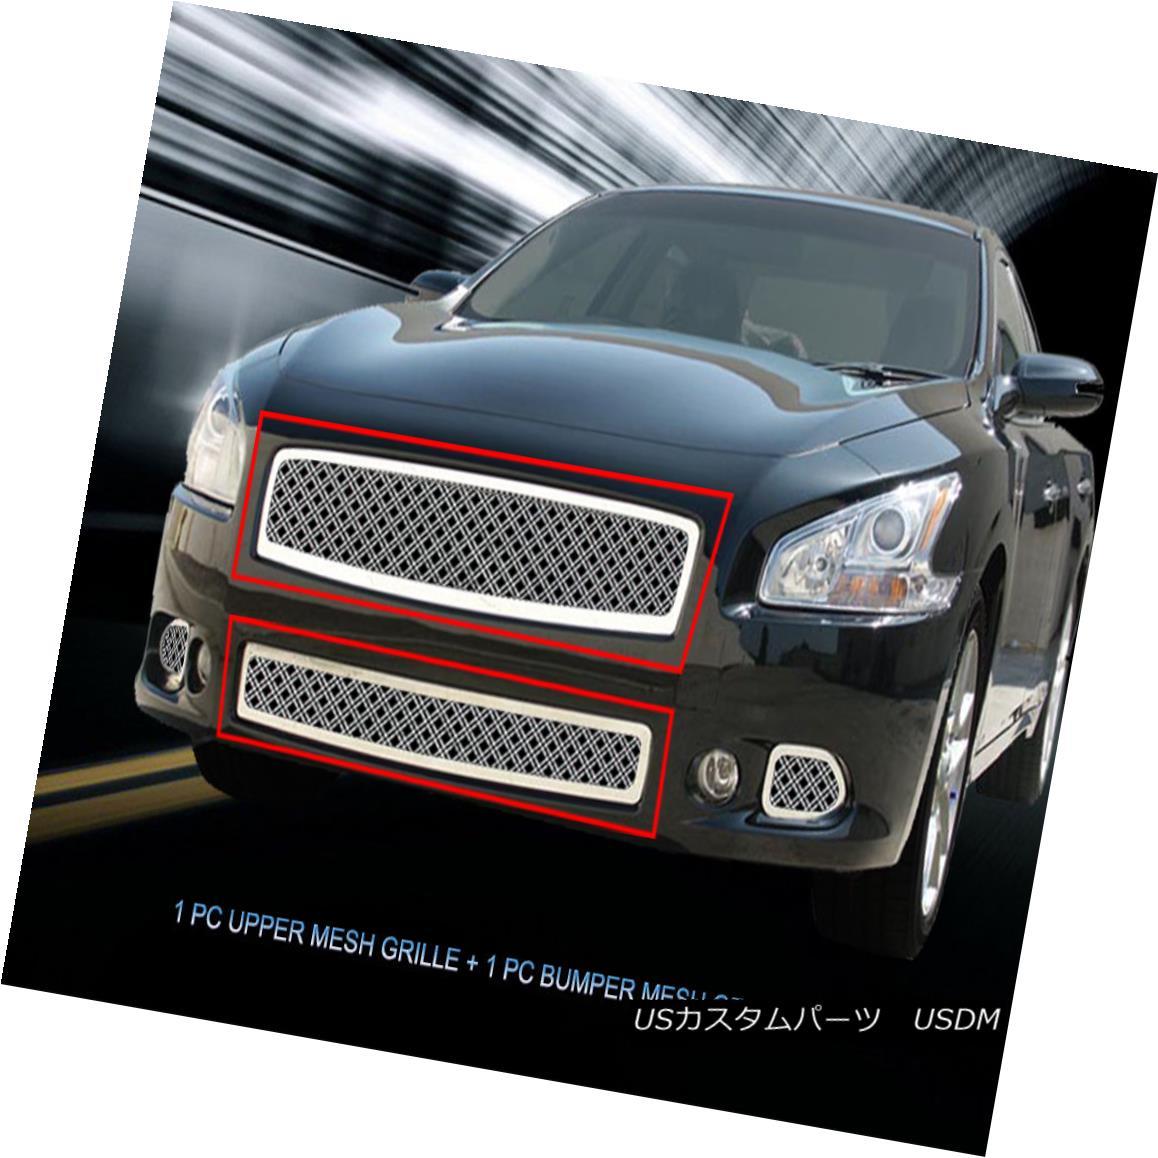 グリル Fedar Fits 2009-2014 Nissan Maxima Chrome Dual Weave Mesh Grille Combo Insert Fedar Fits 2009-2014日産マキシマクロムデュアルウィーブメッシュグリルコンボインサート